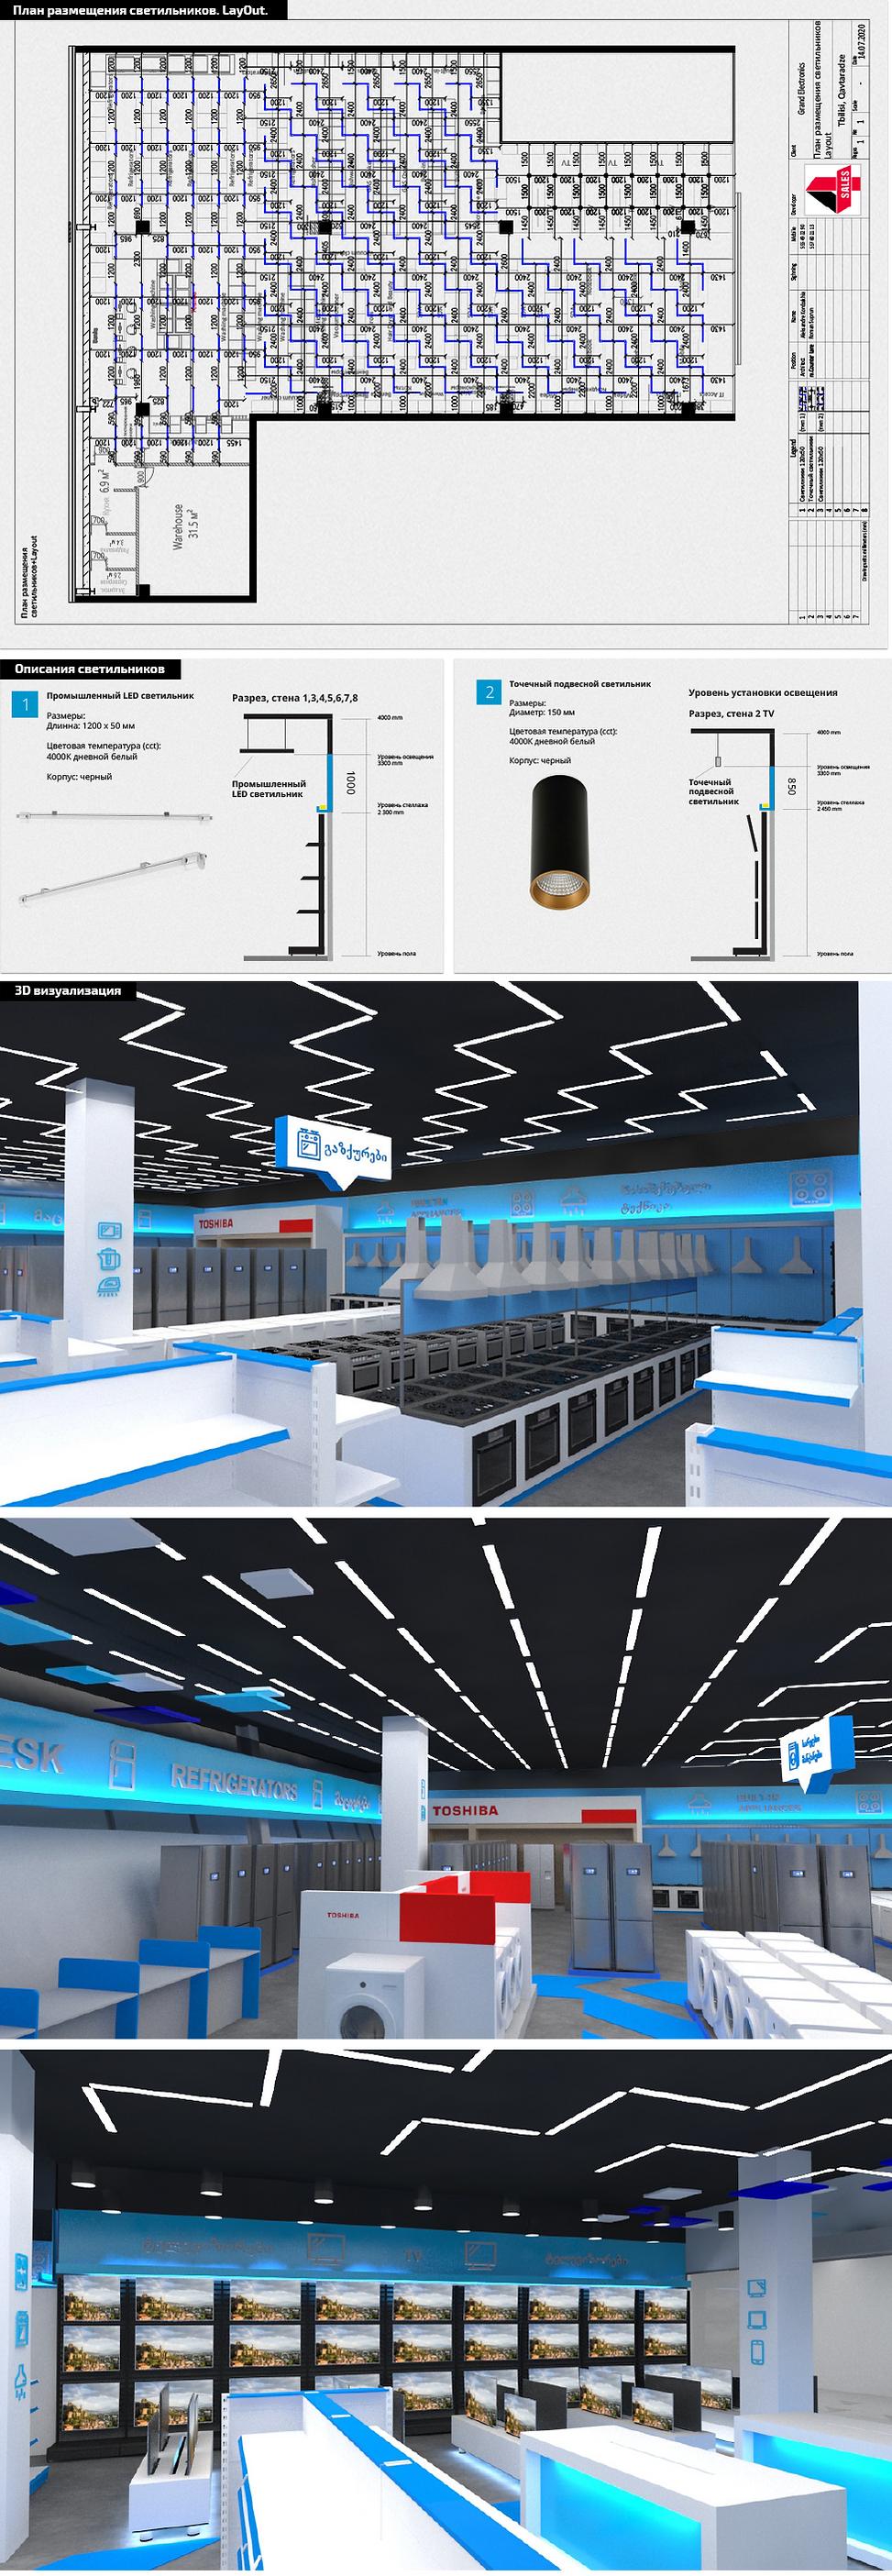 9 მაღაზიის დიზაინი.png